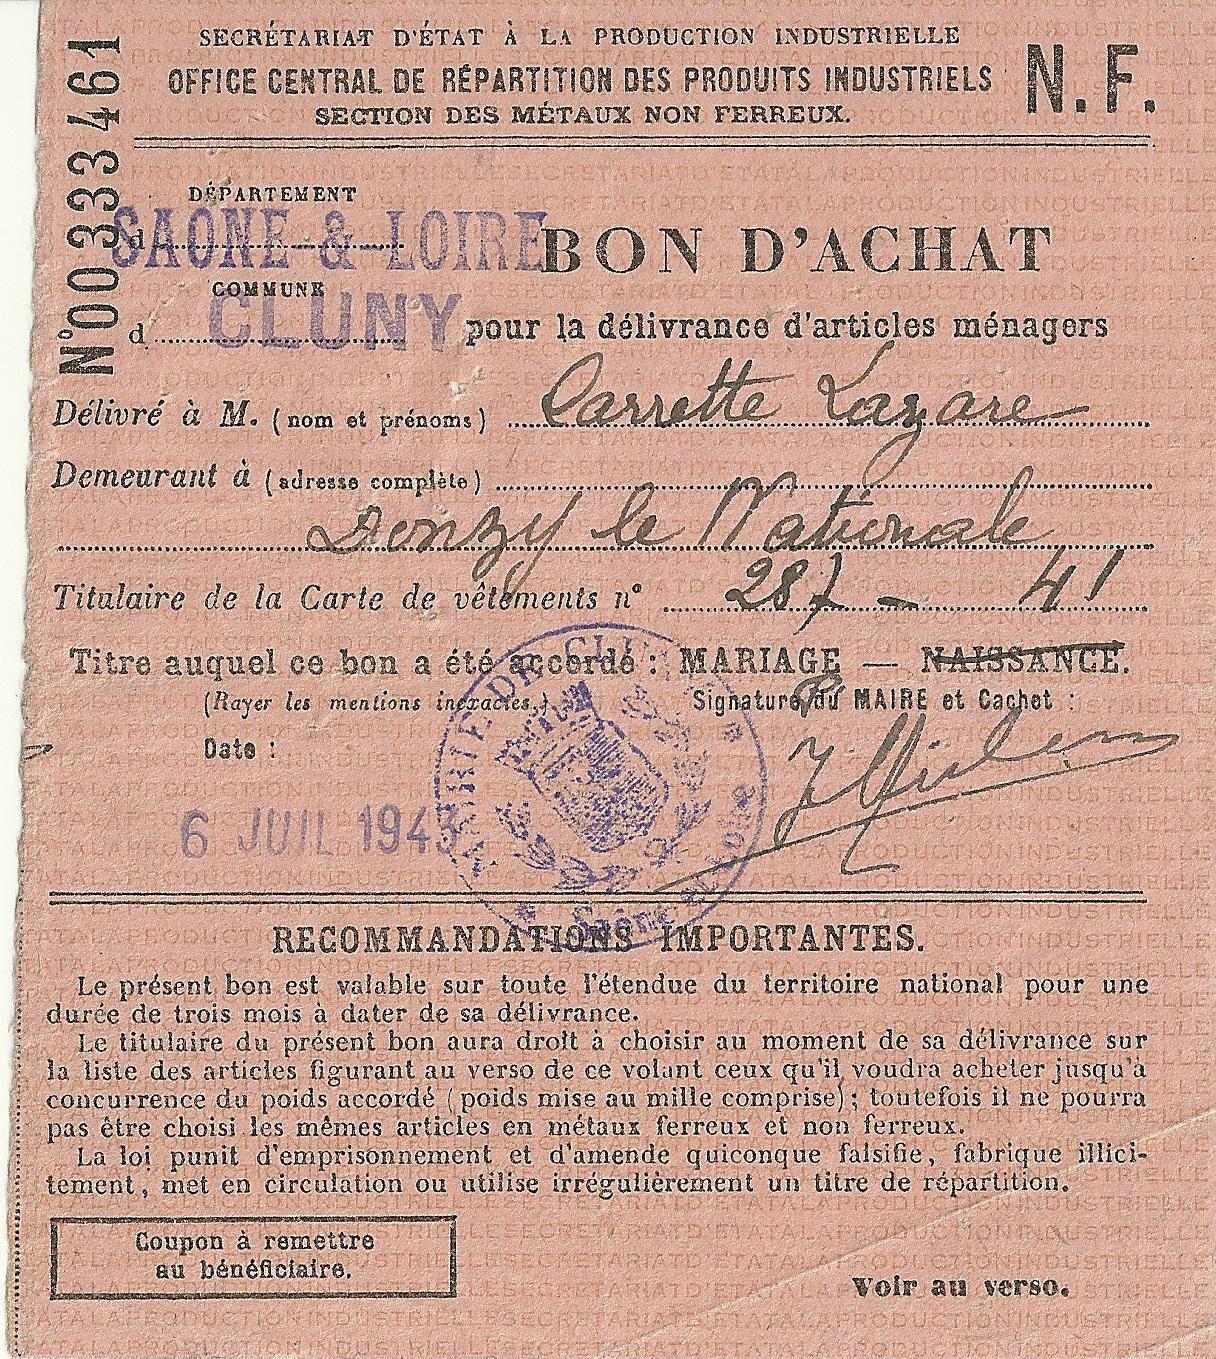 SECTION DES METAUX NON FERREUX - BON D'ACHAT - 00 333 461